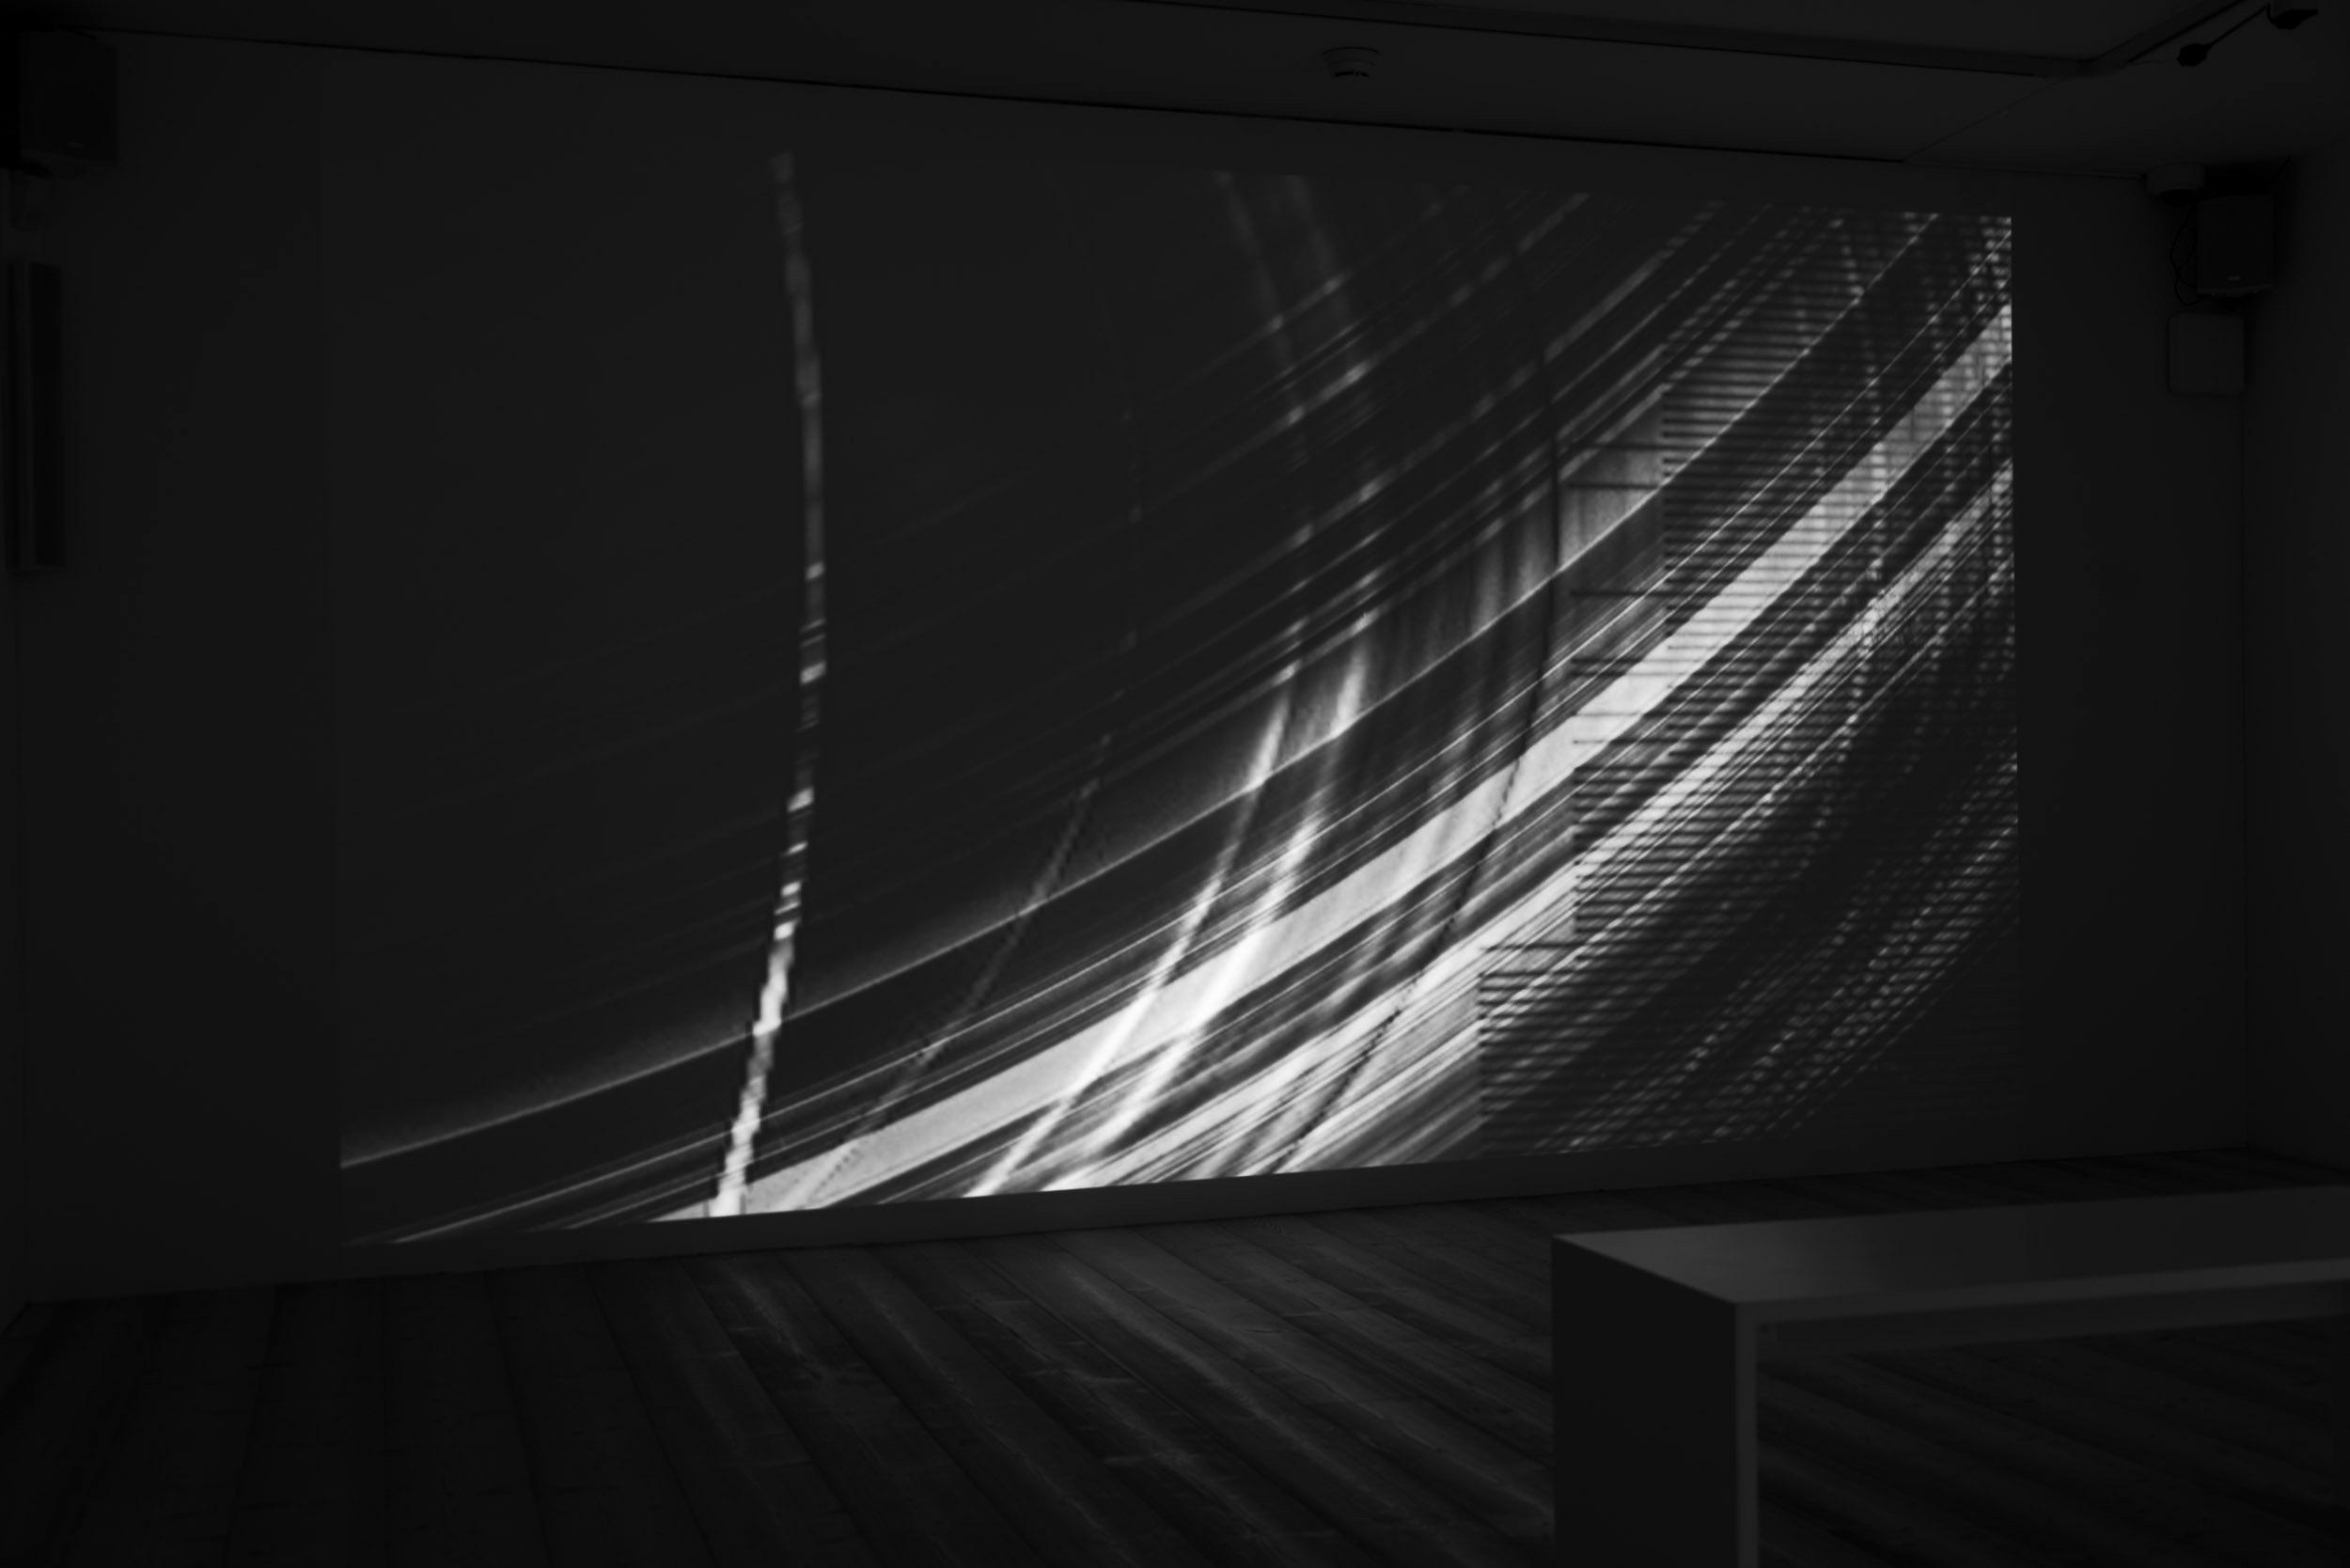 La flèche du temps, boucle vidéo, 19' 37'', musique originale